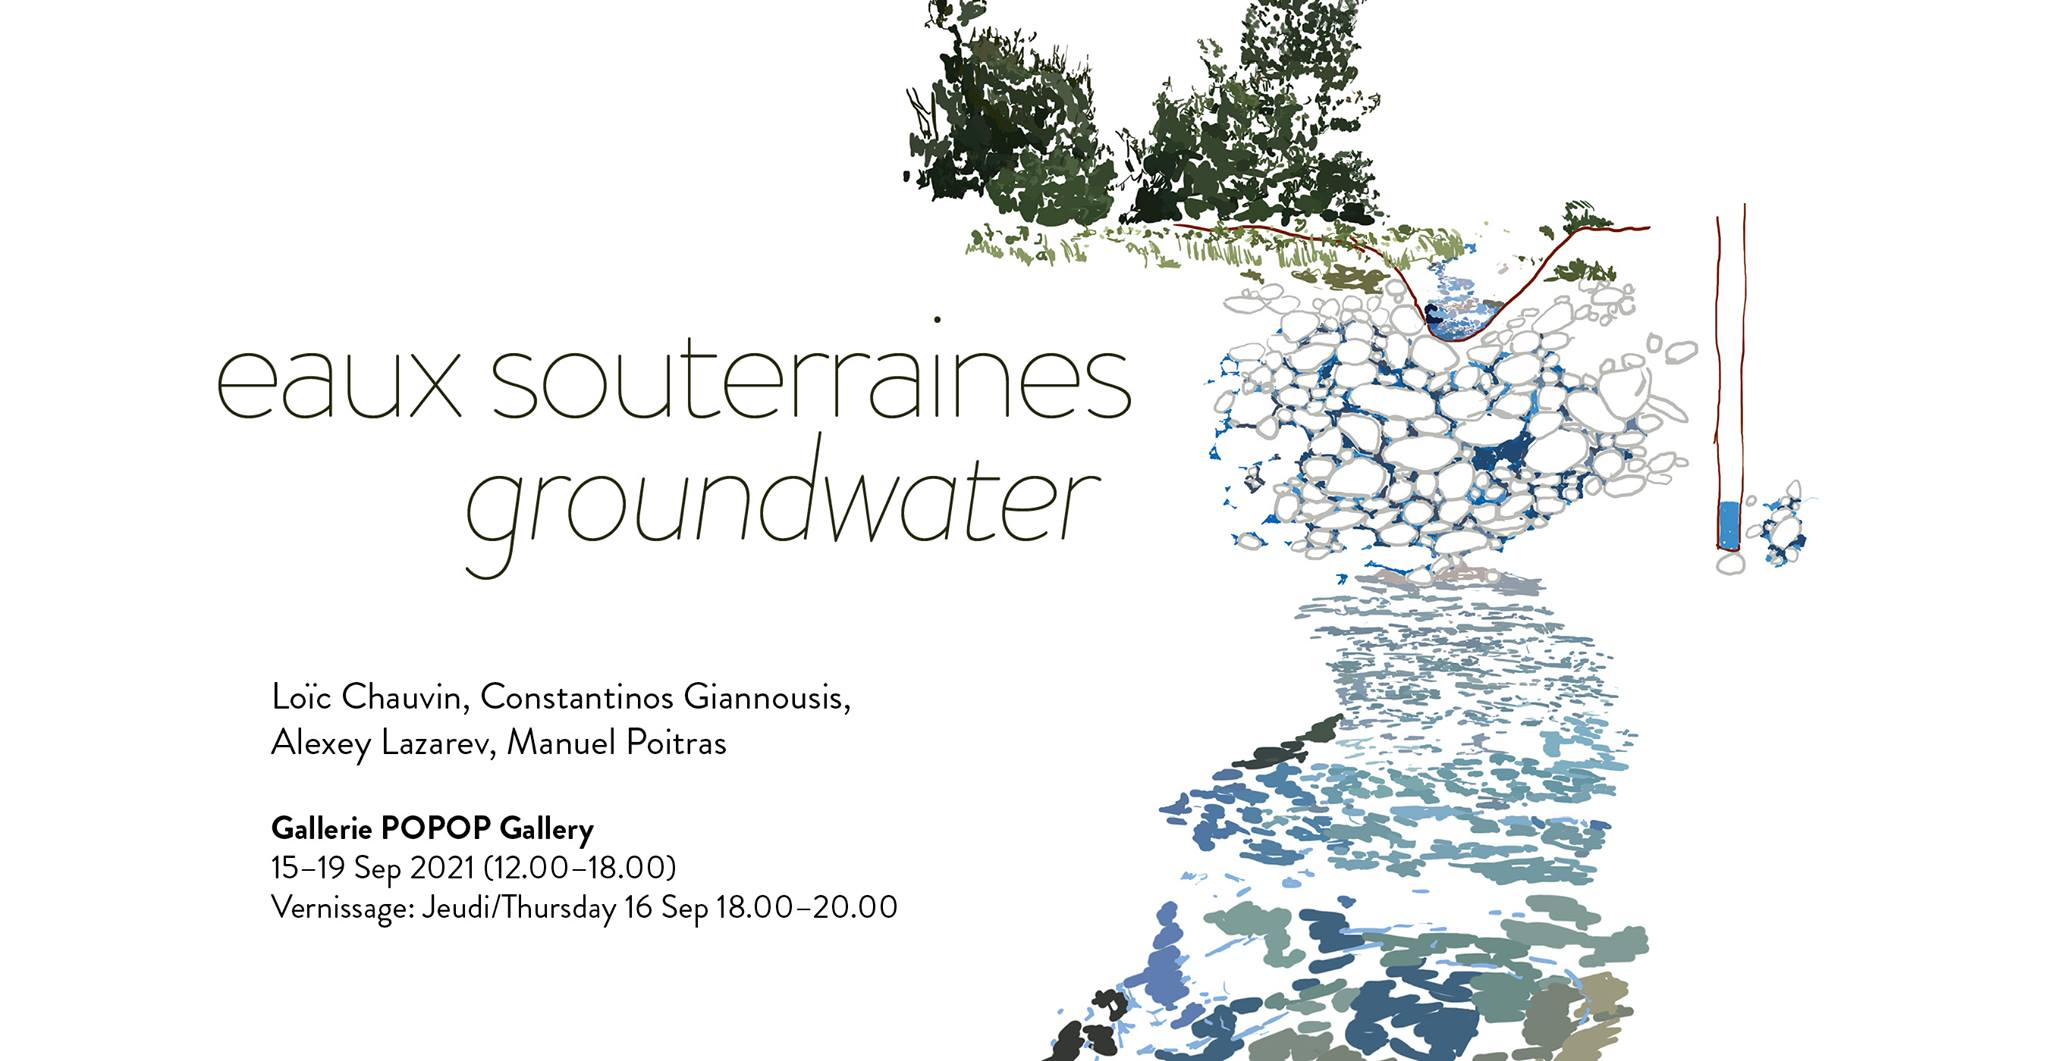 Exposition Eaux souterraines / Groundwater